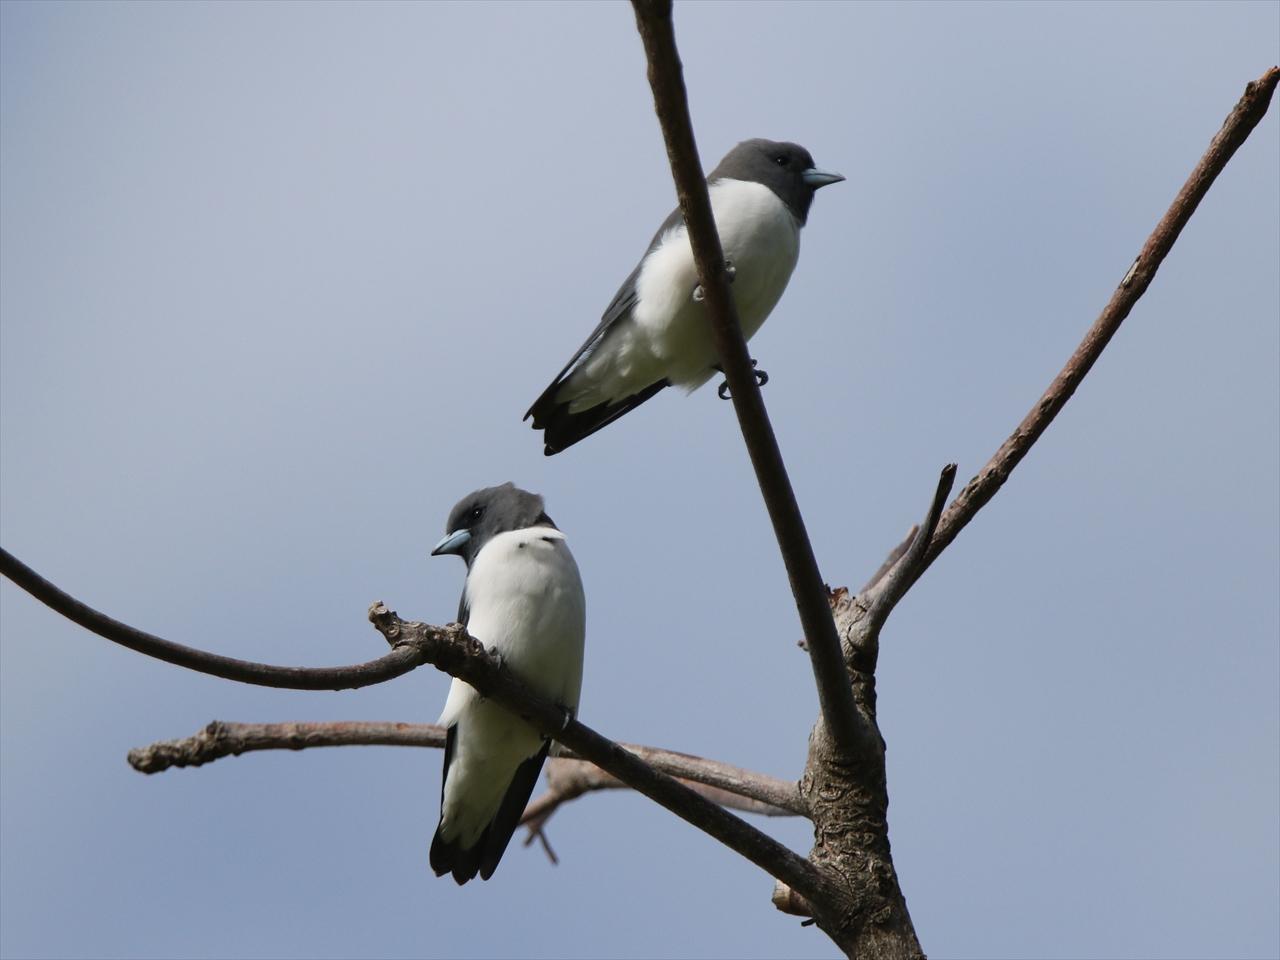 Whitebreasted_woodswallow